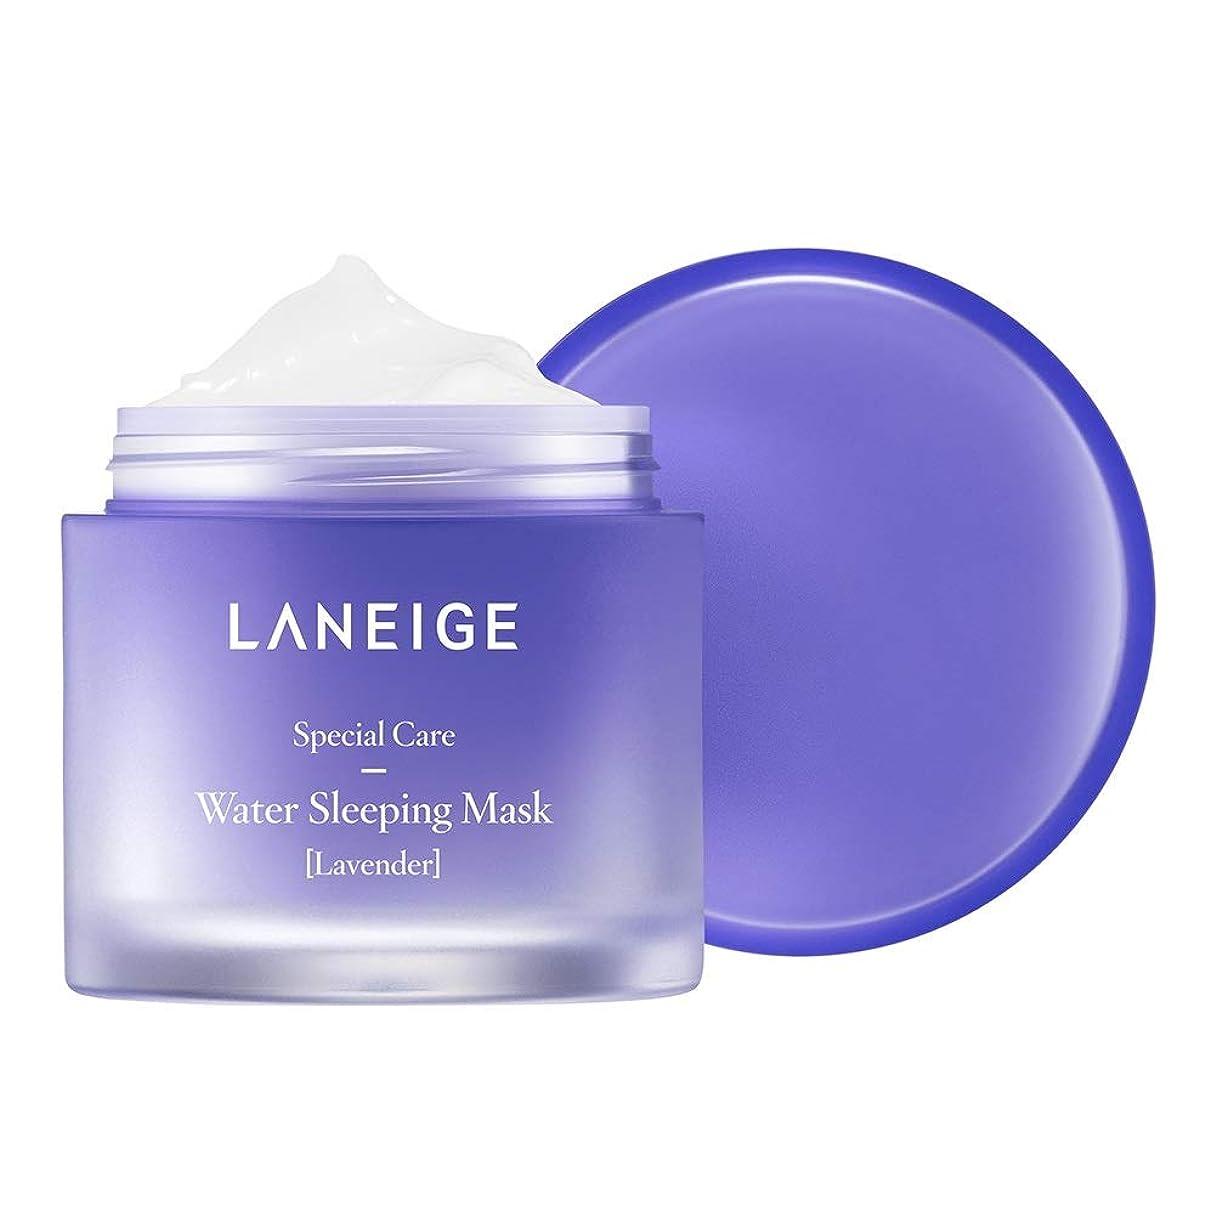 ベテラン宅配便見えるLANEIGE ラネージュ ウォータースリーピング マスク ラベンダー2017 New リフィルミーバージョン 70ml Water Sleeping Mask 2017 Lavender [海外直送品]